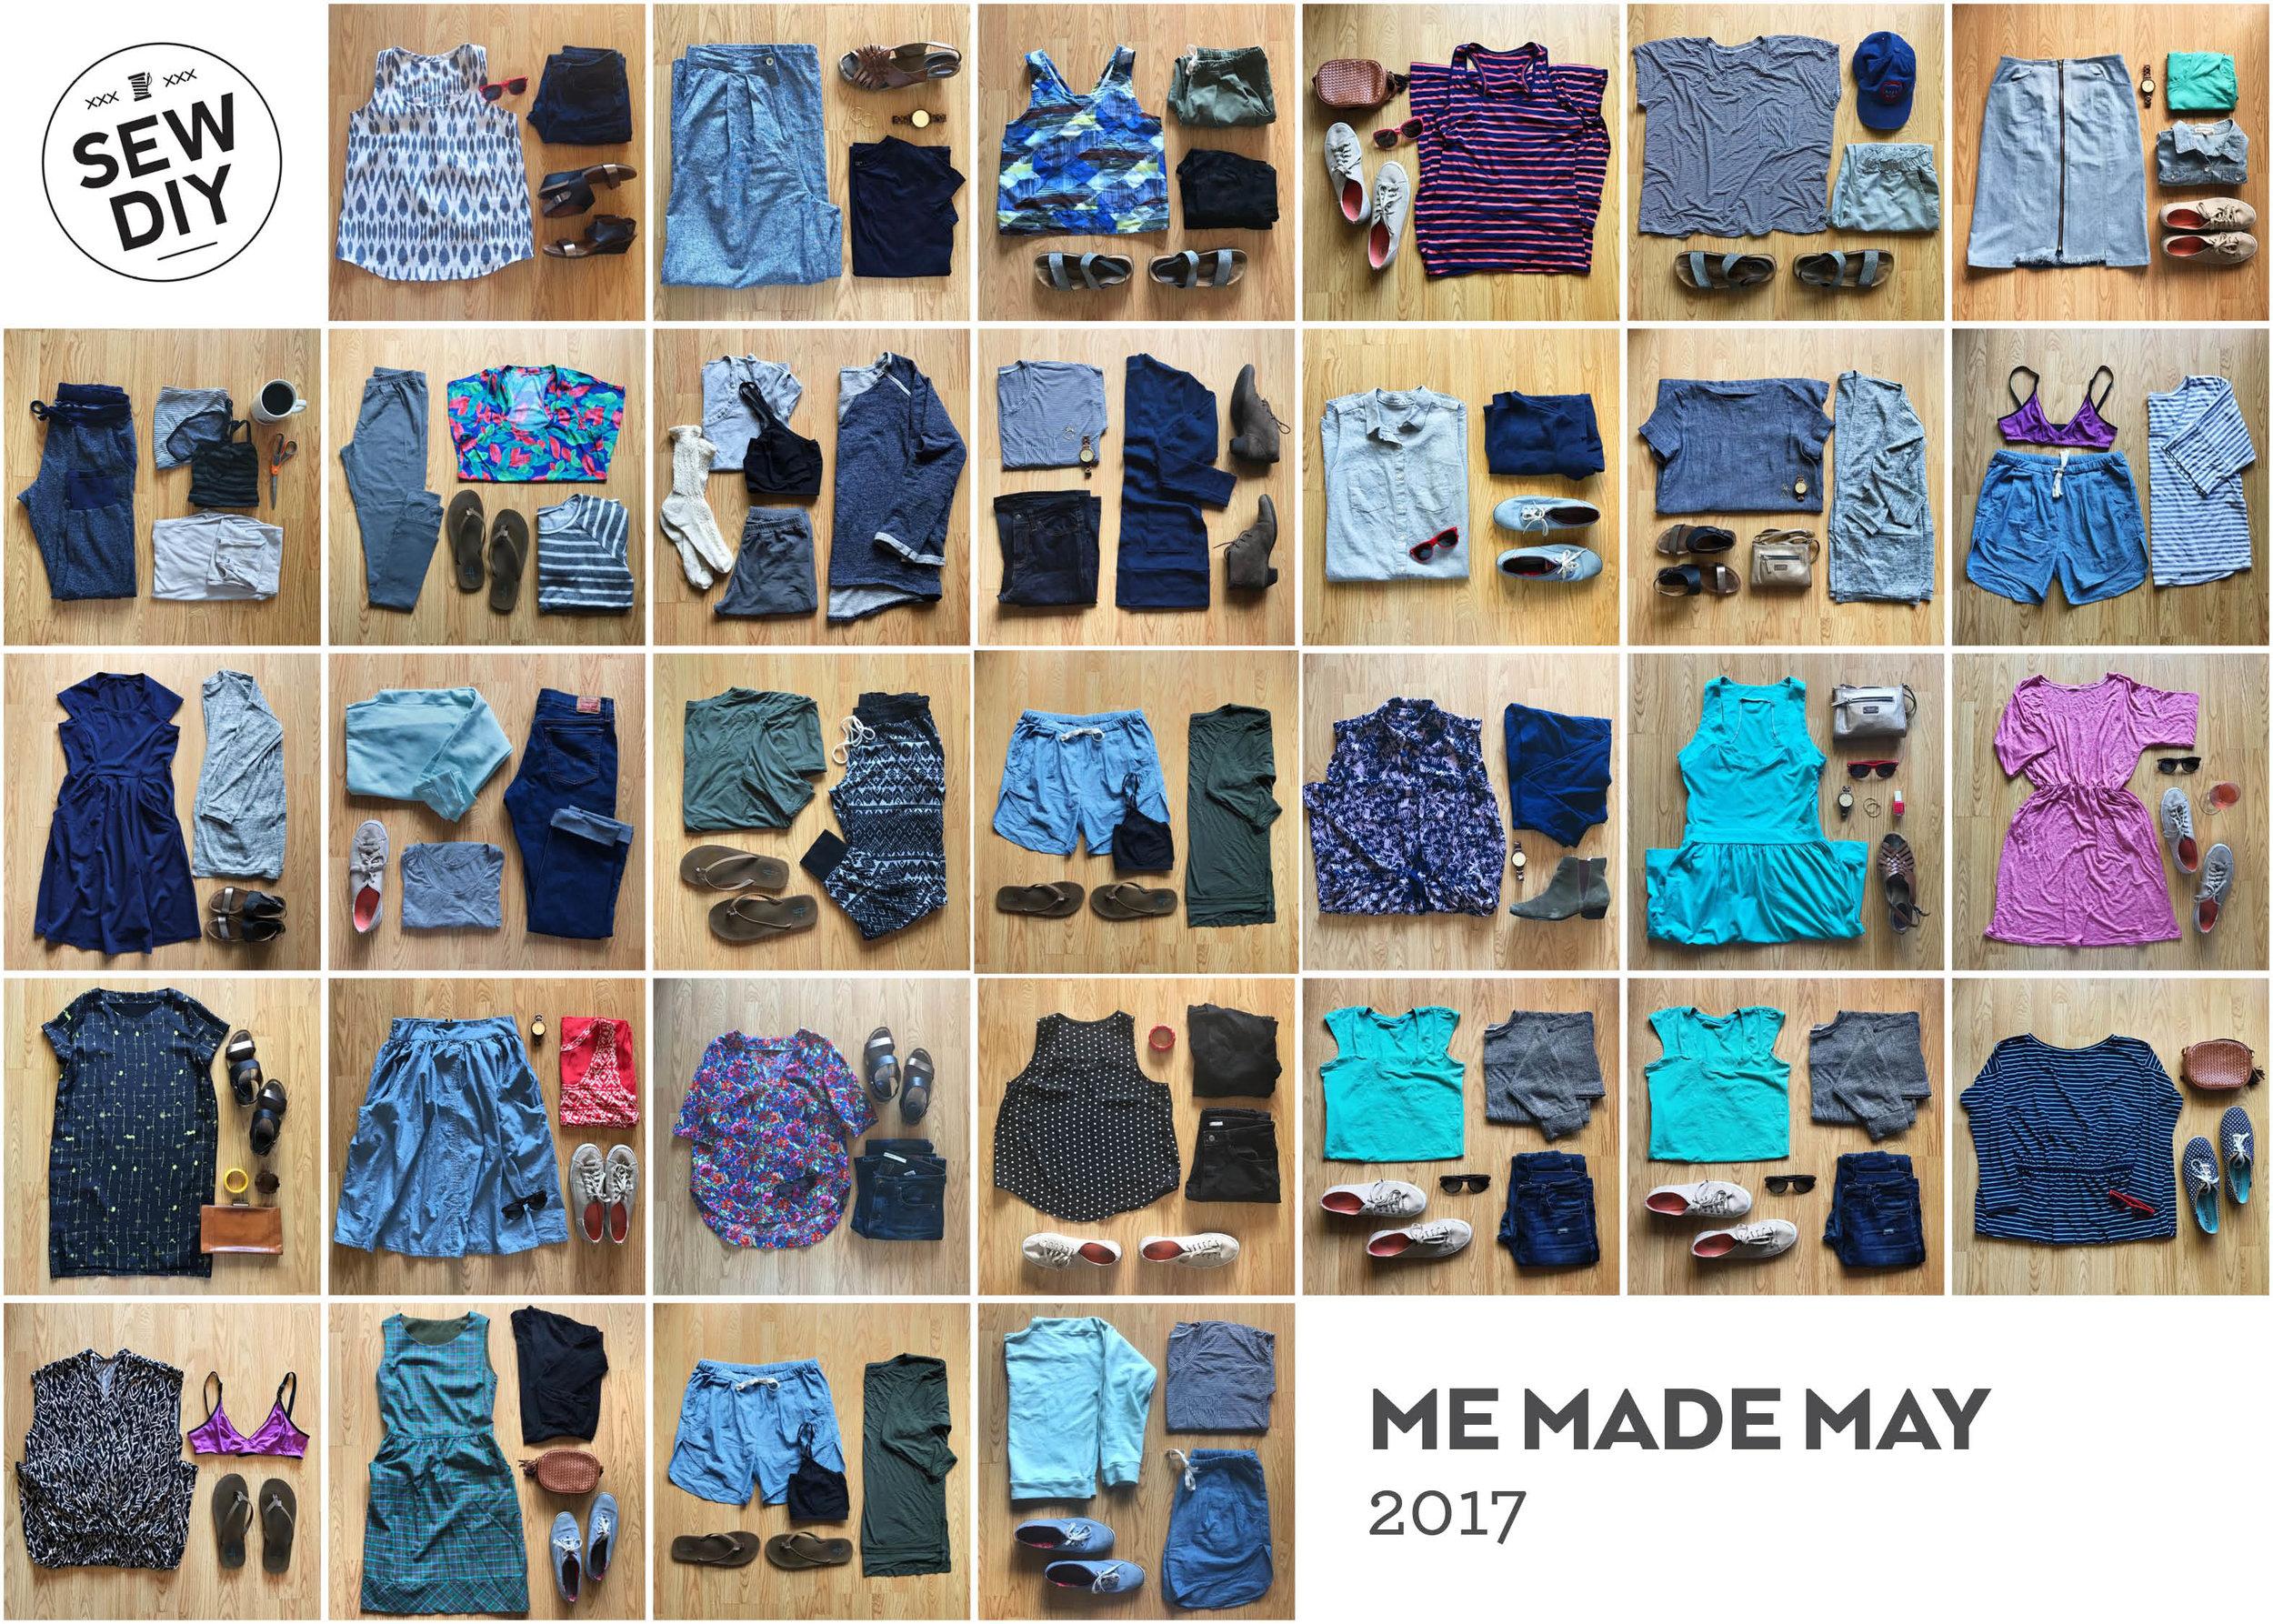 Me Made May 2017 Recap | Sew DIY